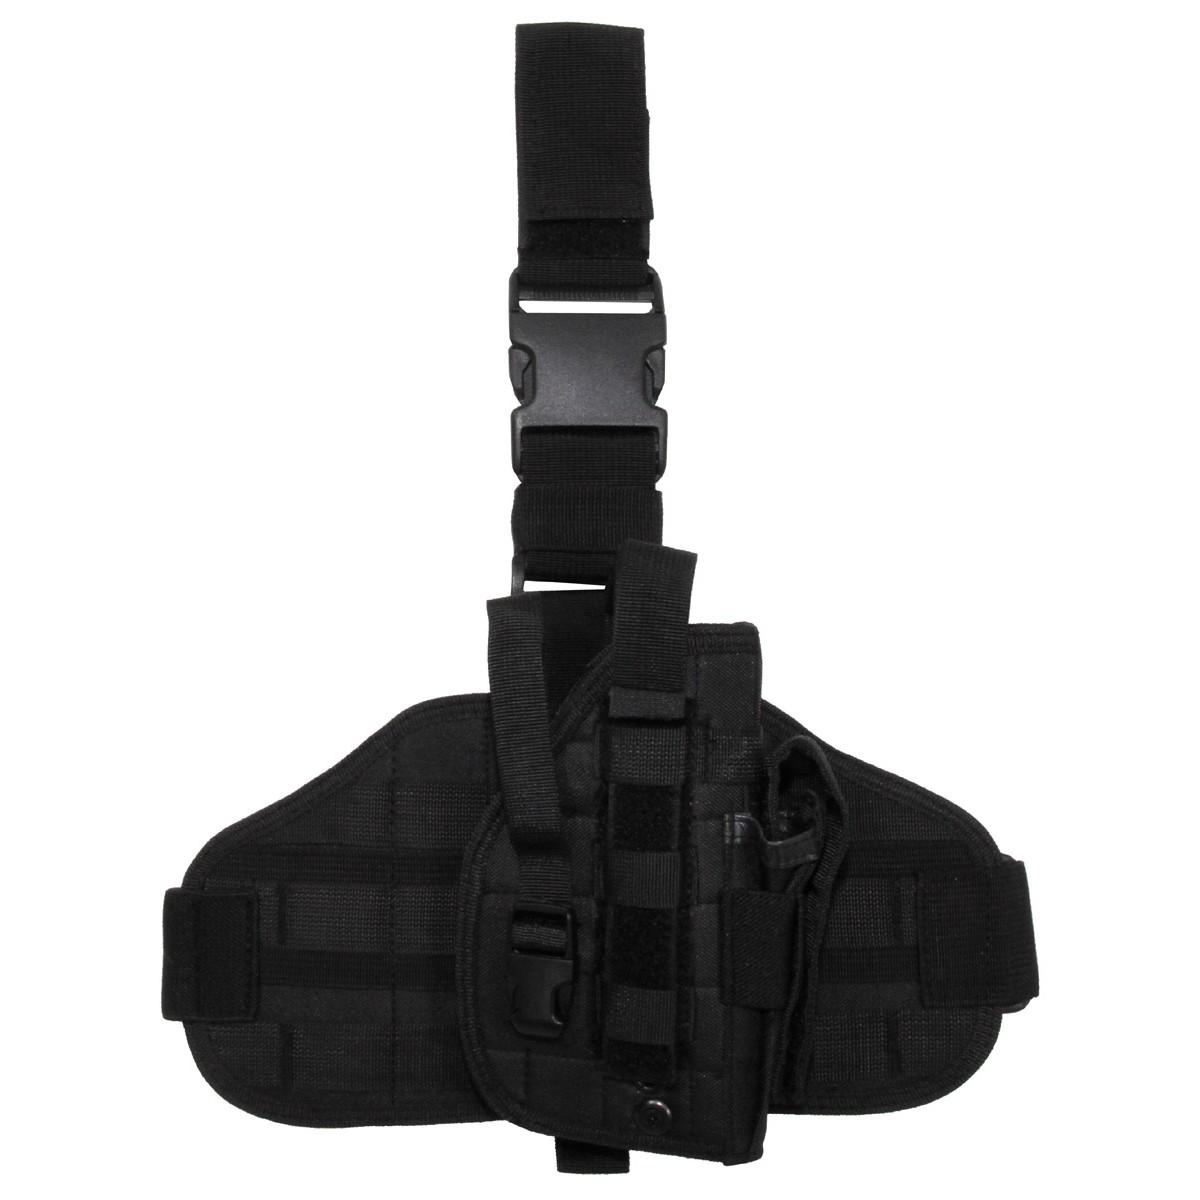 Taktički holster oko struka i butine molle desni